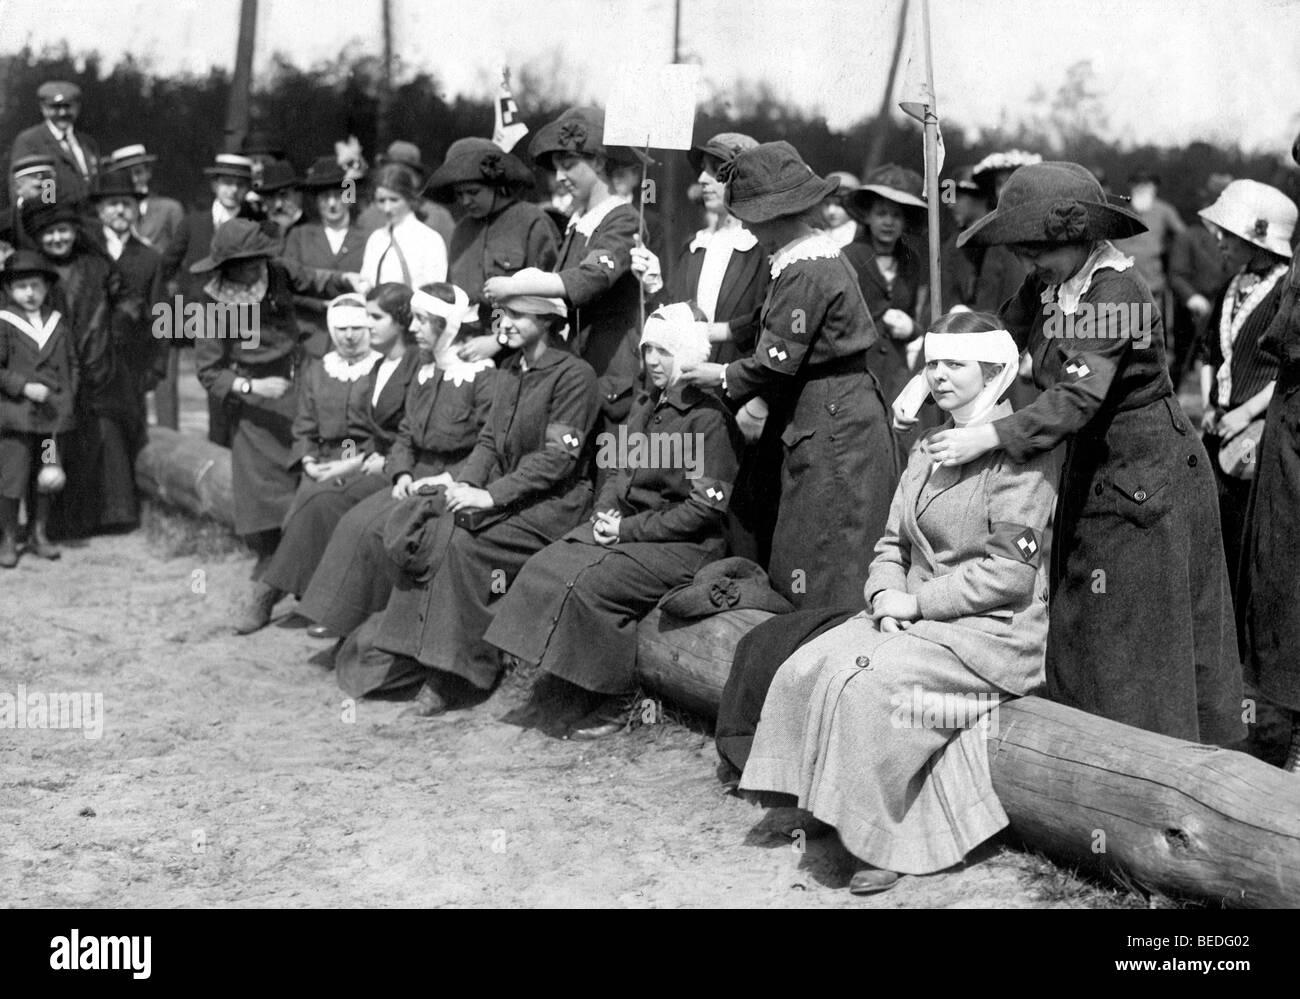 Fotografia storica, paramedic training, attorno al 1915 Immagini Stock